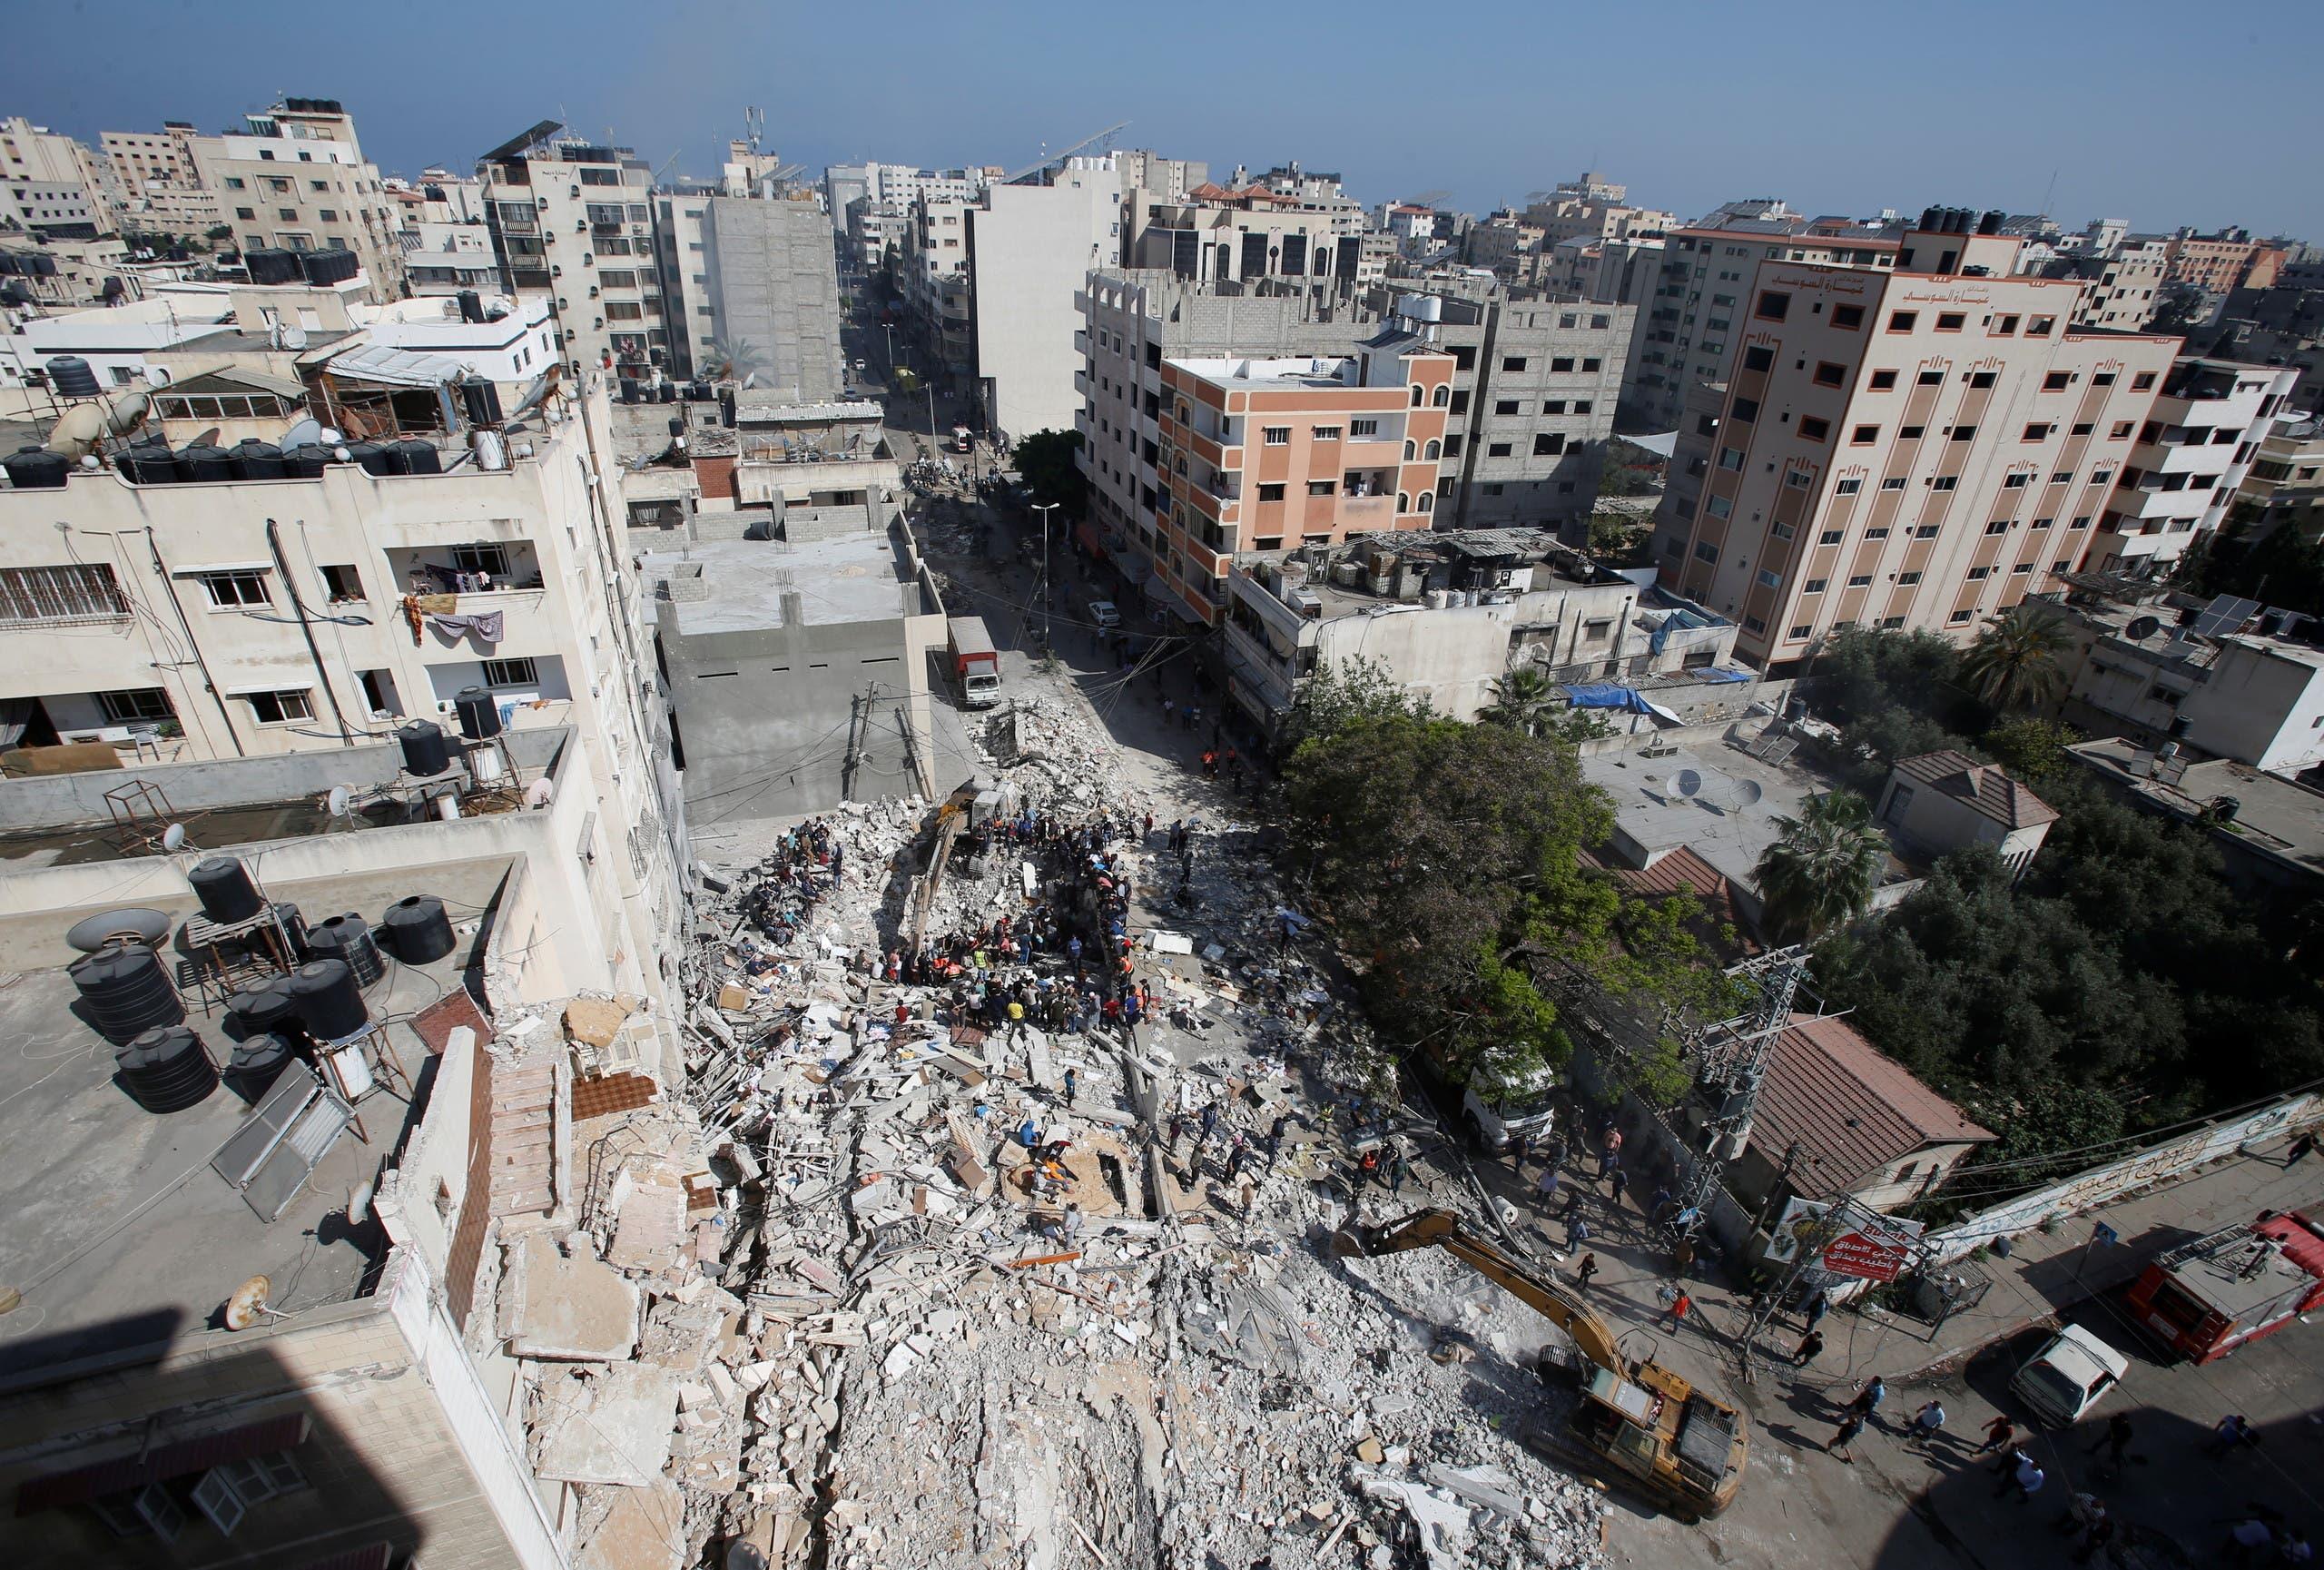 البحث عن جثث تحت أنقاض مبنى تهدم في غزة بفعل القصف الإسرائيلي